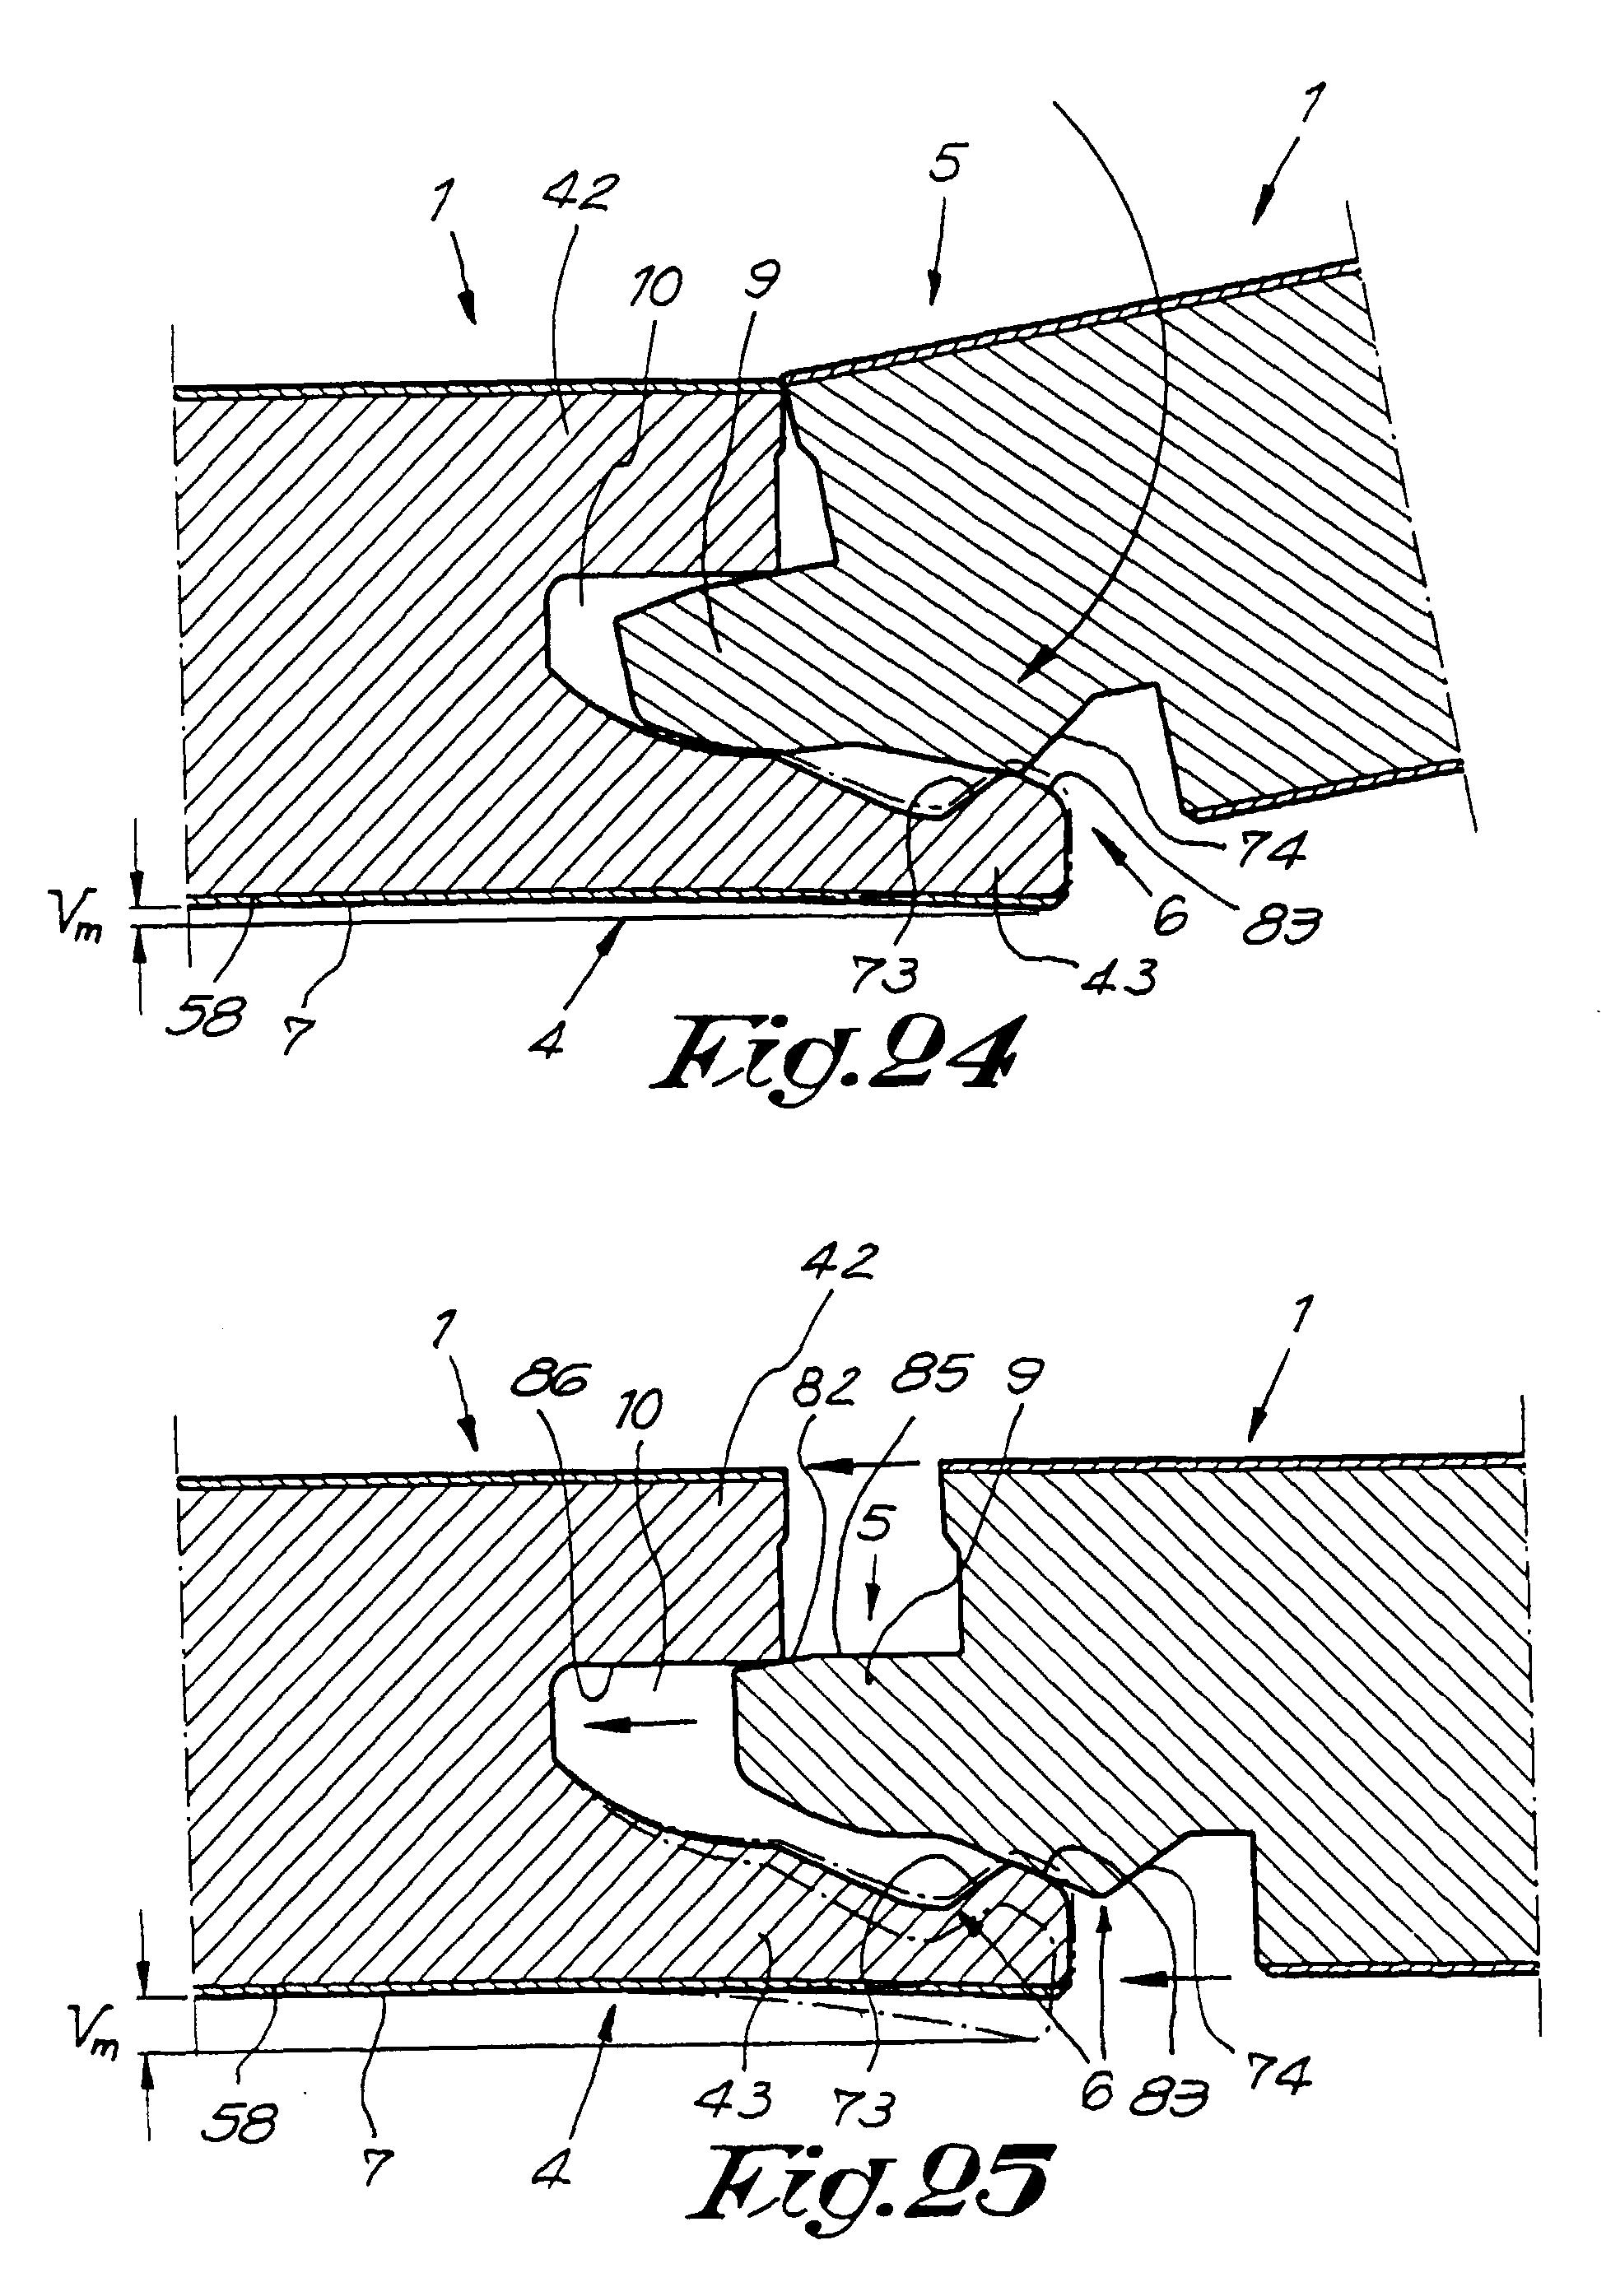 patent ep0843763b1 bodenbelag bestehend aus harten bodenplatten und verfahren zur herstellung. Black Bedroom Furniture Sets. Home Design Ideas